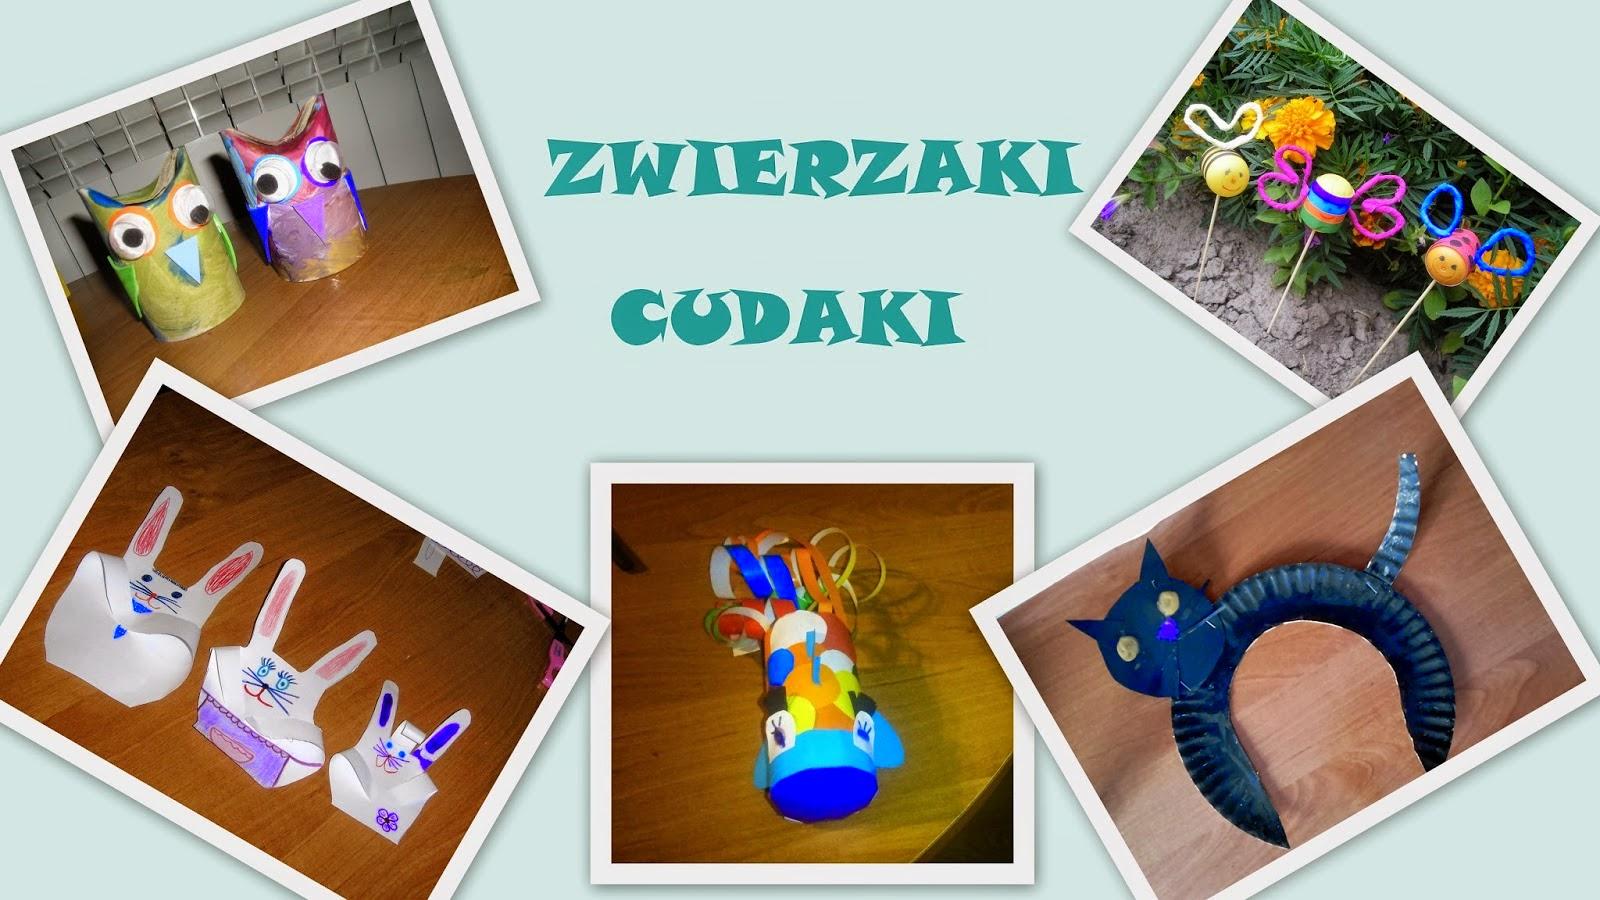 http://pomieszane-z-poplatanym.blogspot.com/2014/07/projekt-zwierzaki-cudaki.html?showComment=1405290815432#c2074469803080736567